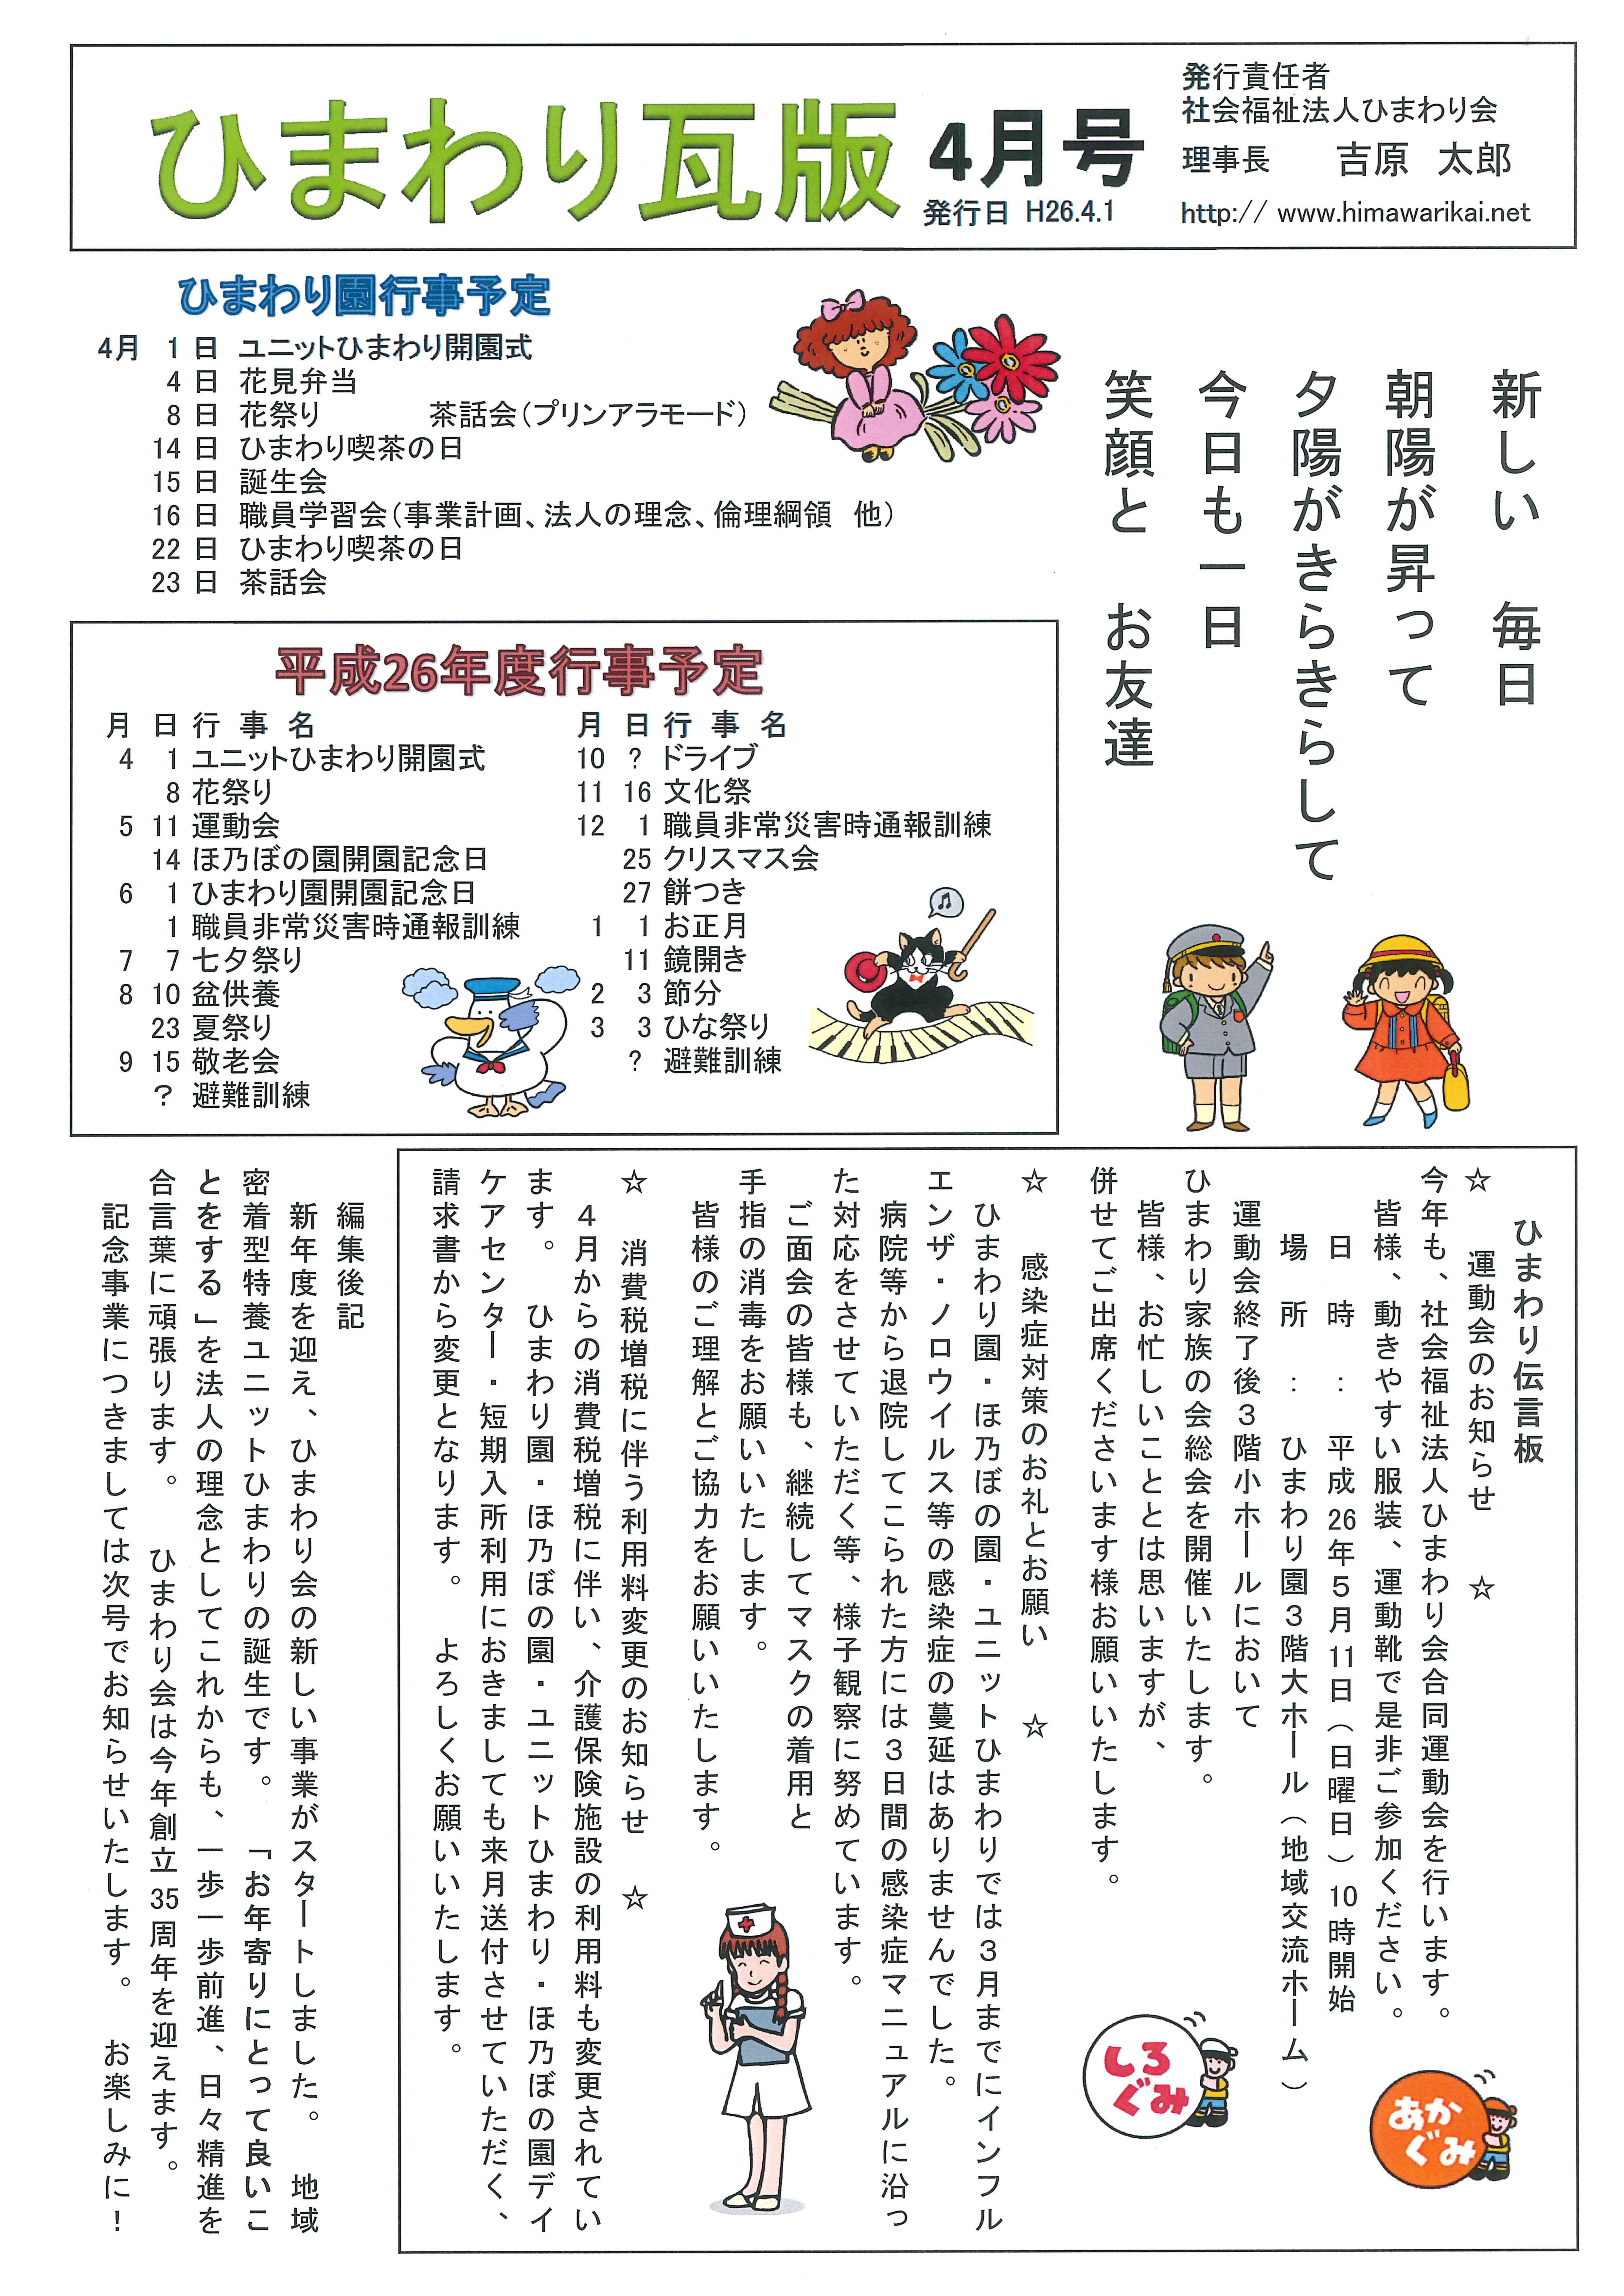 ひまわり瓦版4月号発行